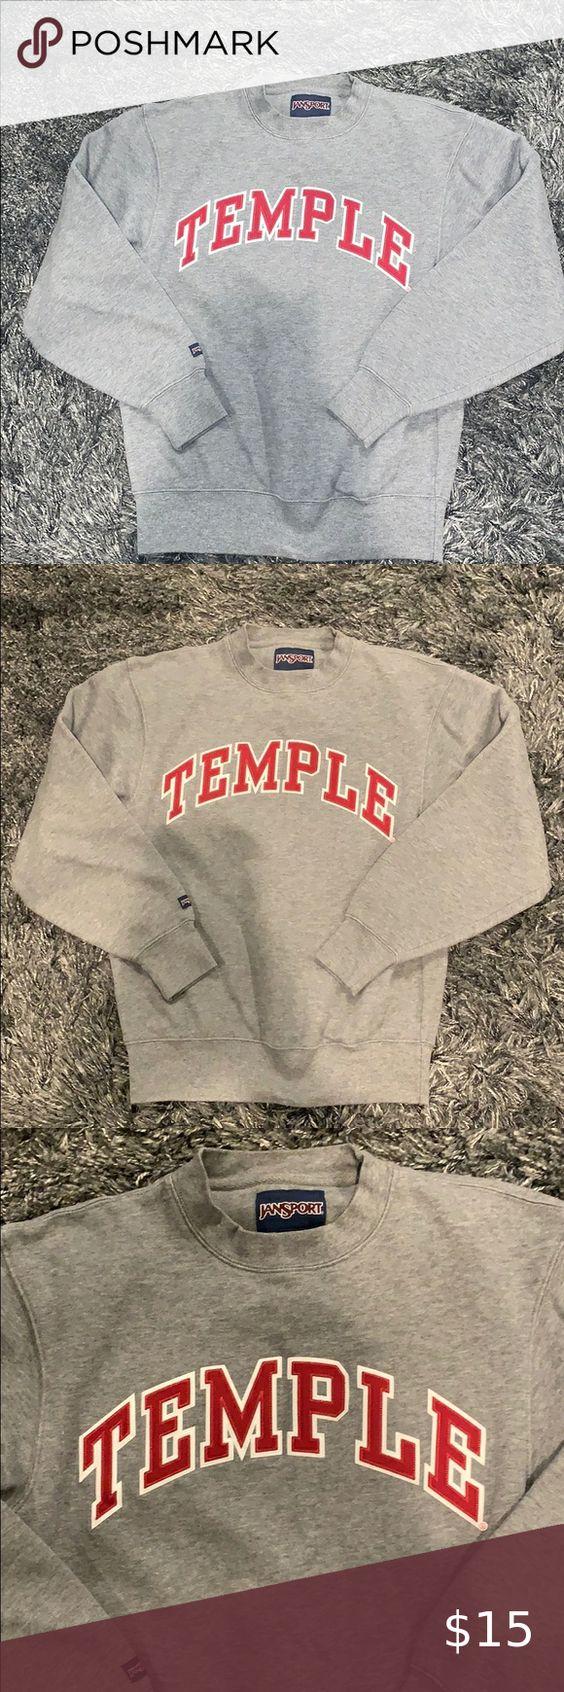 Unisex Temple Crewneck Sweatshirt Lightweight Long Sleeve Shirt Crew Neck Sweatshirt Sweatshirts [ 1692 x 564 Pixel ]